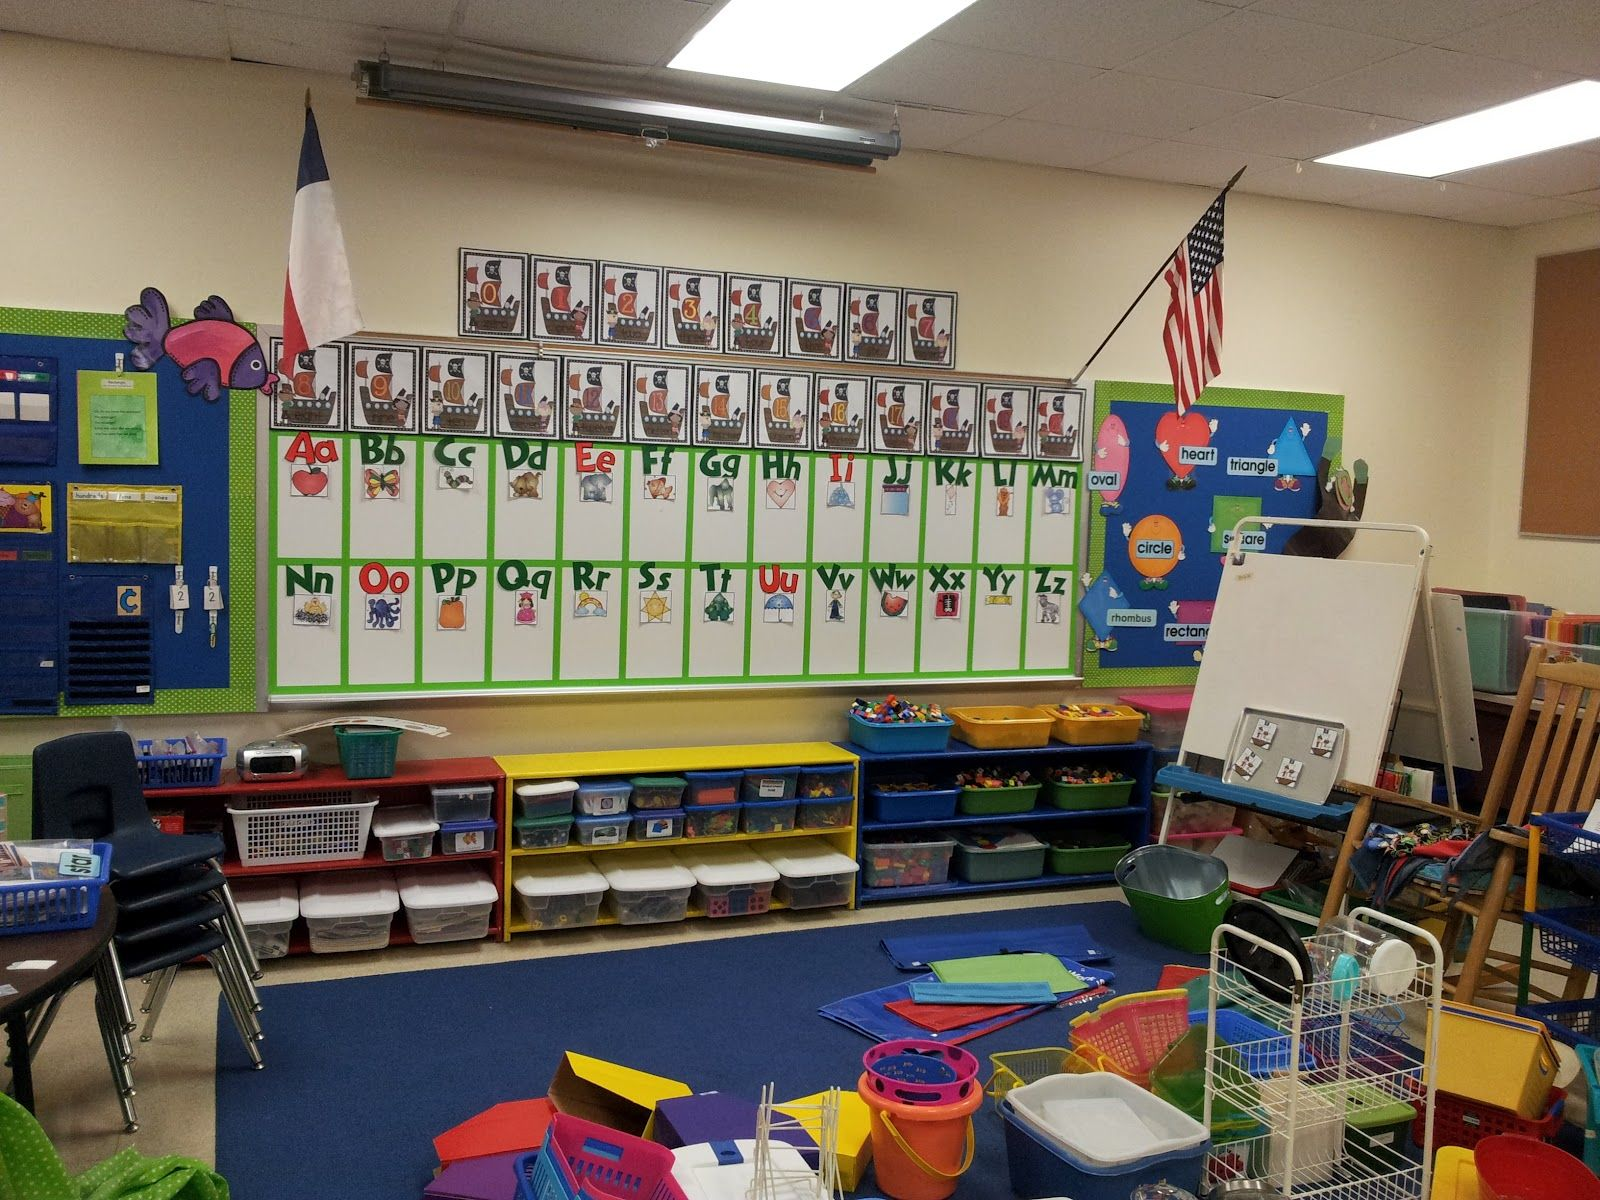 Kinder Garden: Chalk Talk: A Kindergarten Blog: Classroom Set-up